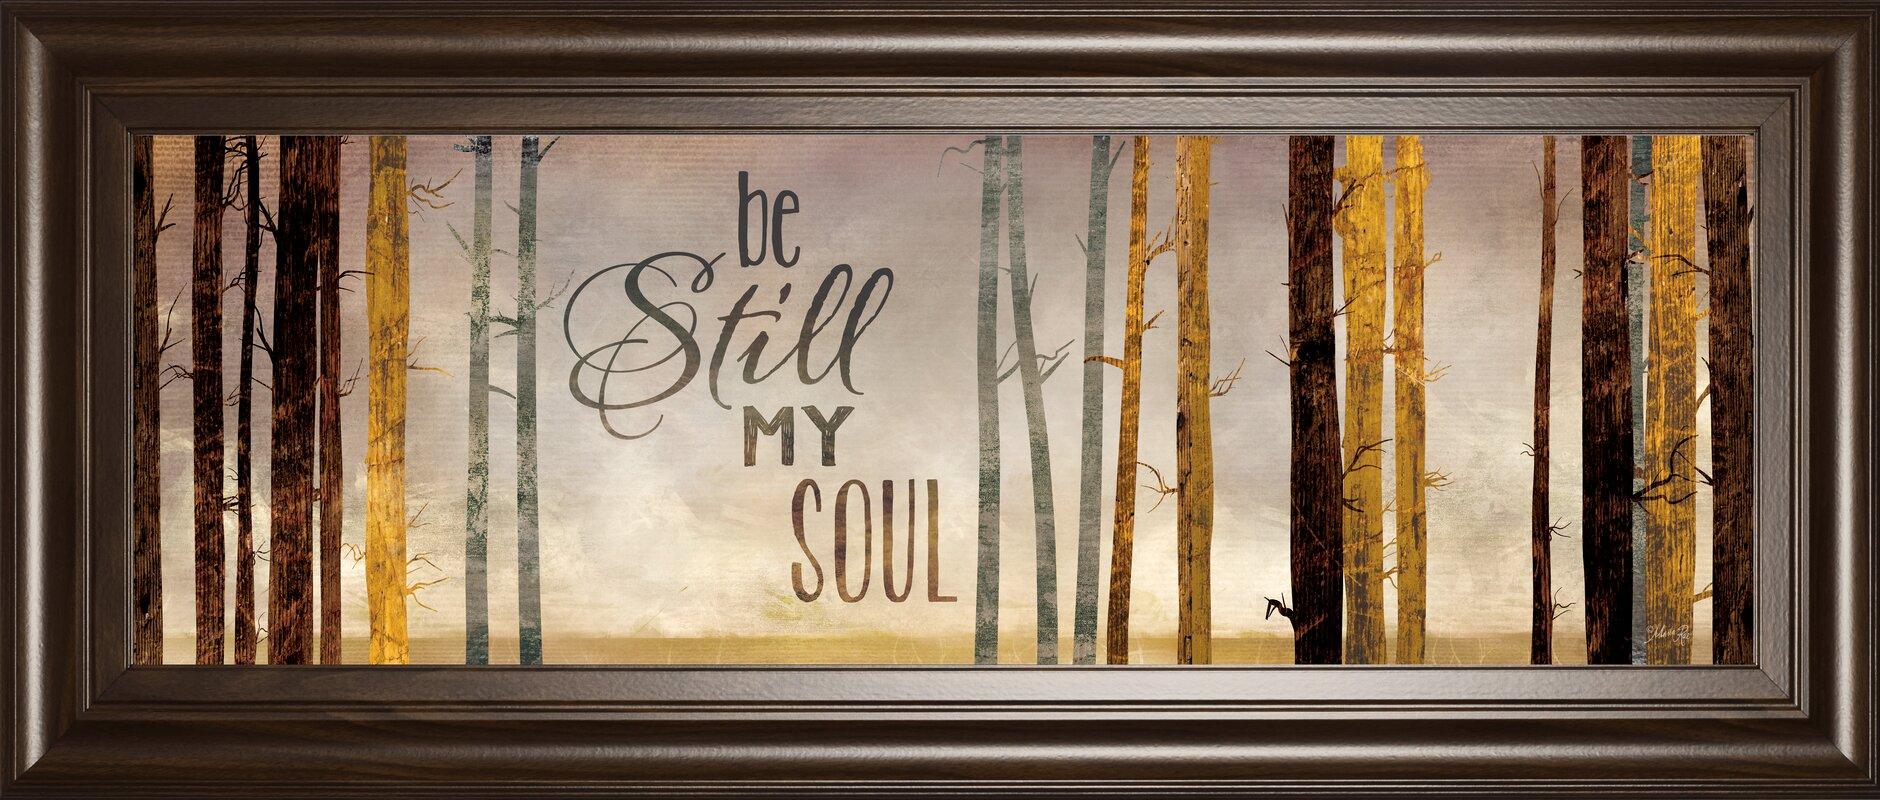 u0027Be Still My Soulu0027 by Marla Rae